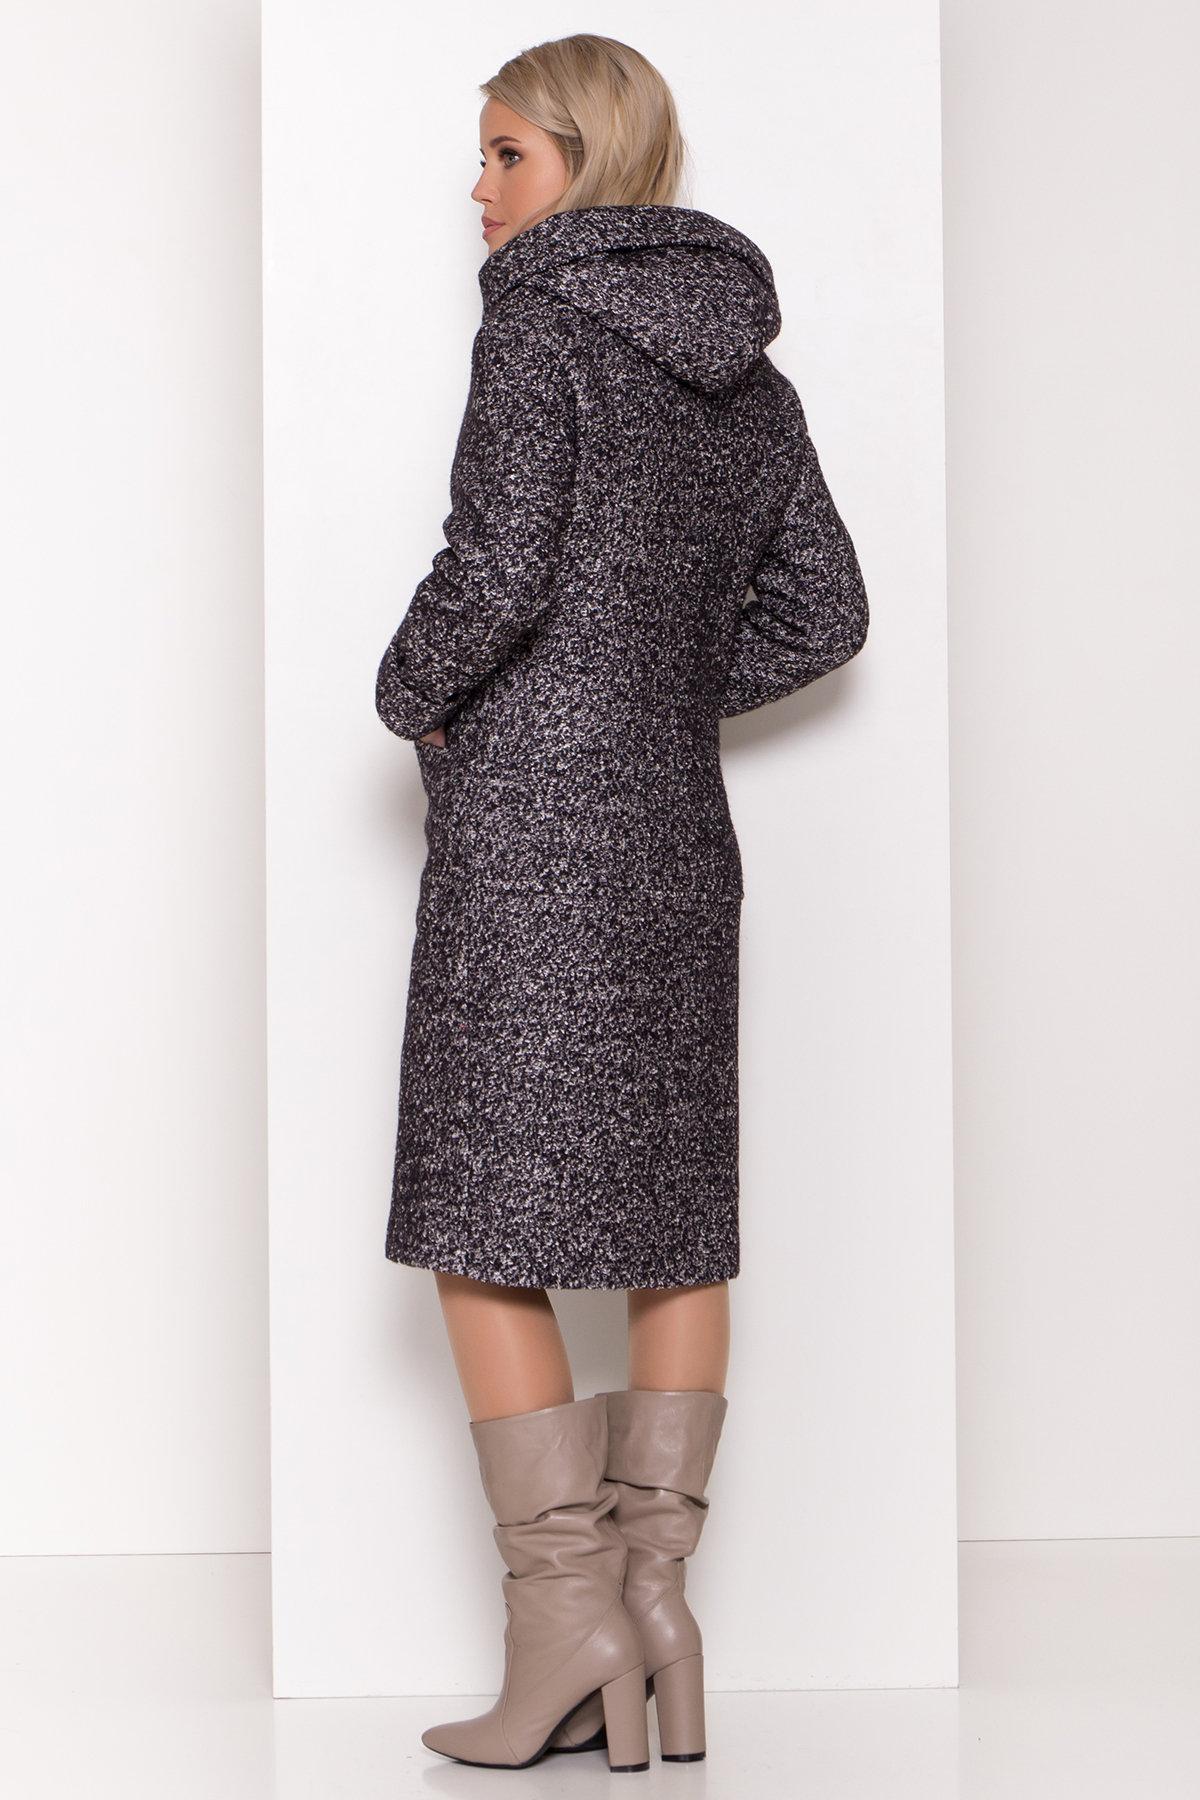 Пальто зима шерсть букле Анита 8320 АРТ. 44442 Цвет: Черный/серый - фото 4, интернет магазин tm-modus.ru